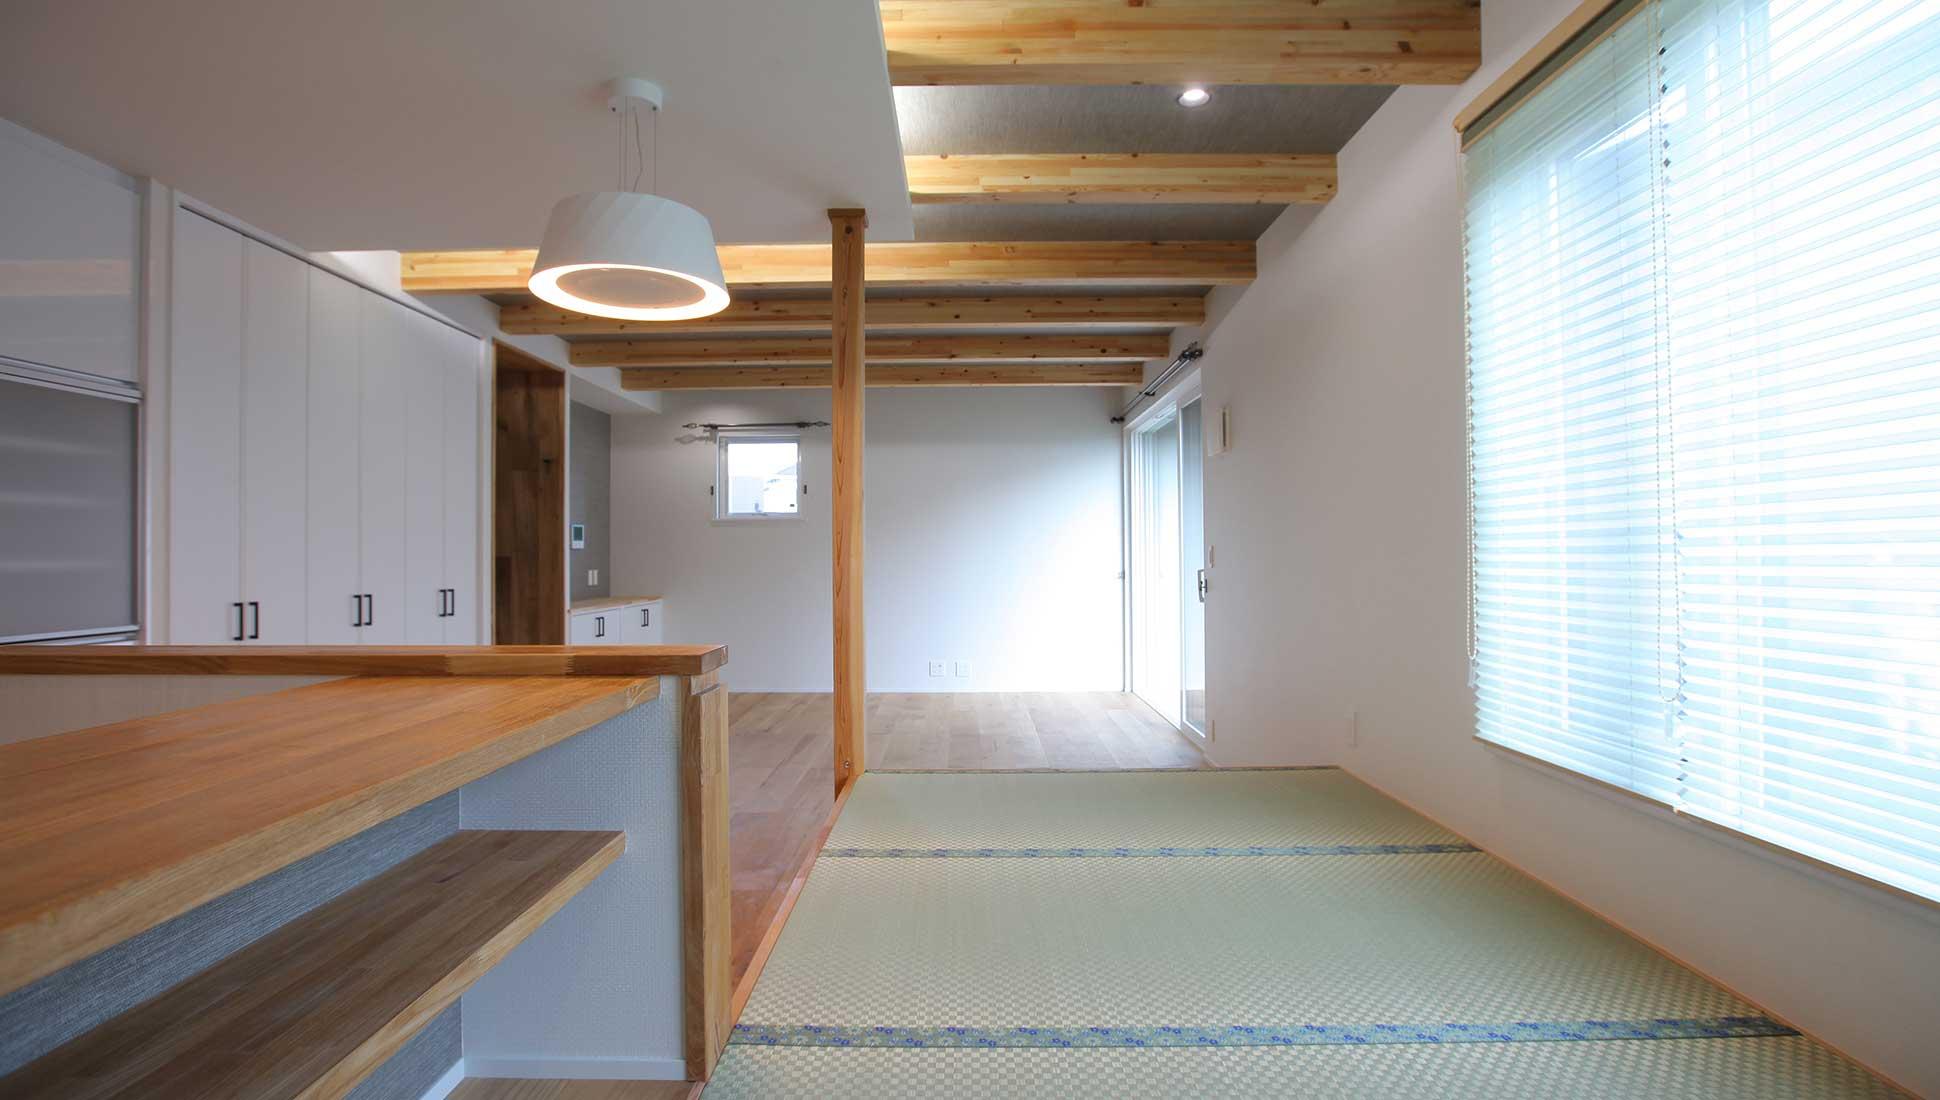 畳の縁も選んだ:自由設計で叶える 免震ダブル断熱 木更津市